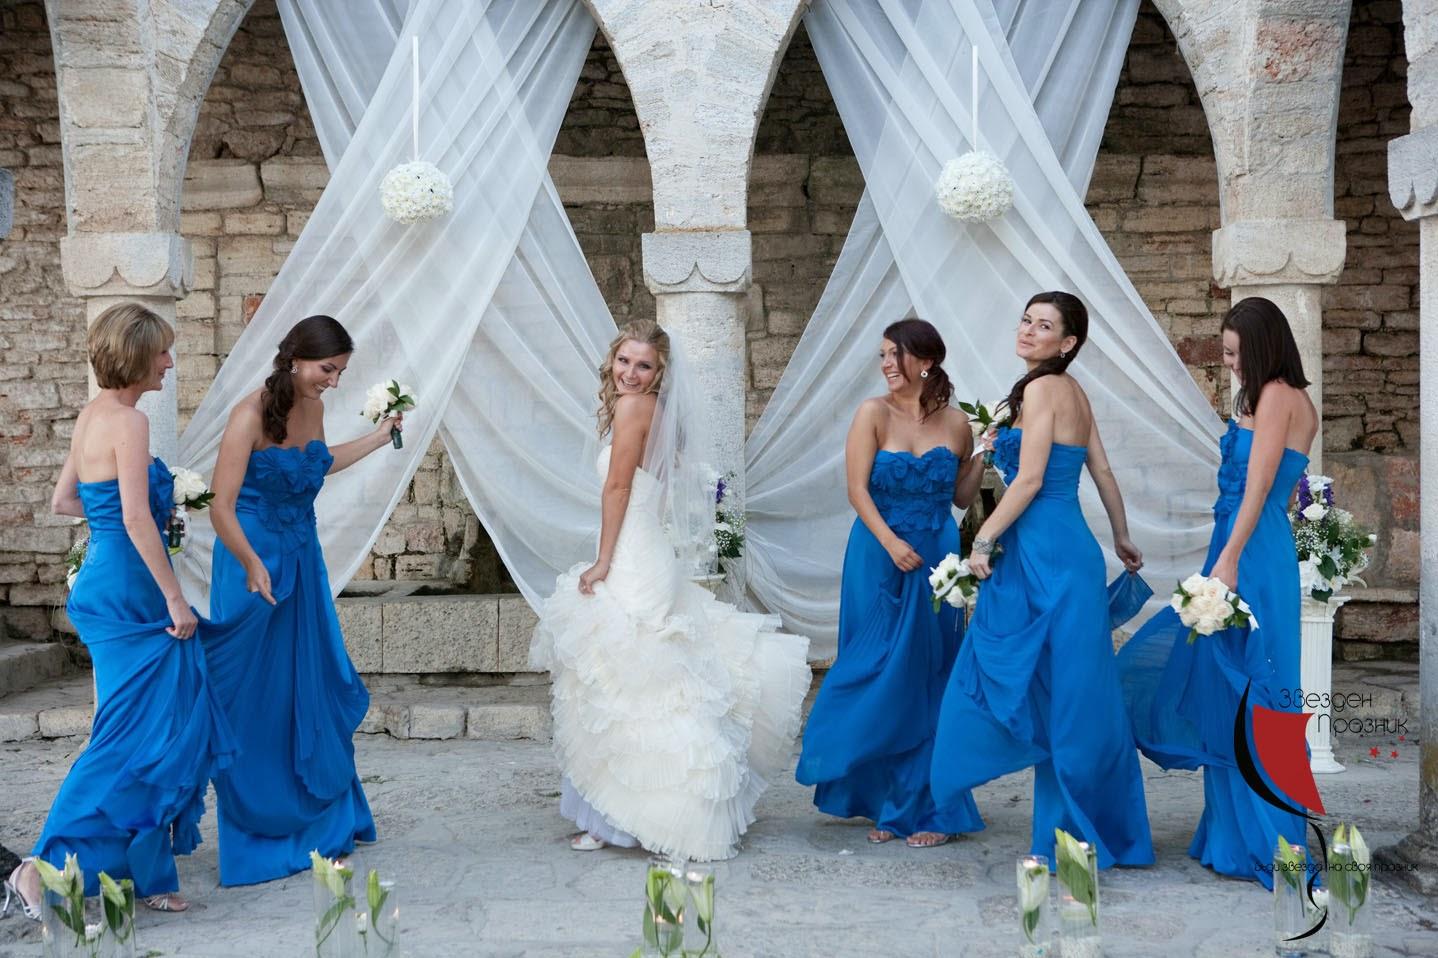 булката и шаферките с тъмно сини шаферски рокли се забавляват на фотосесията в Балчик